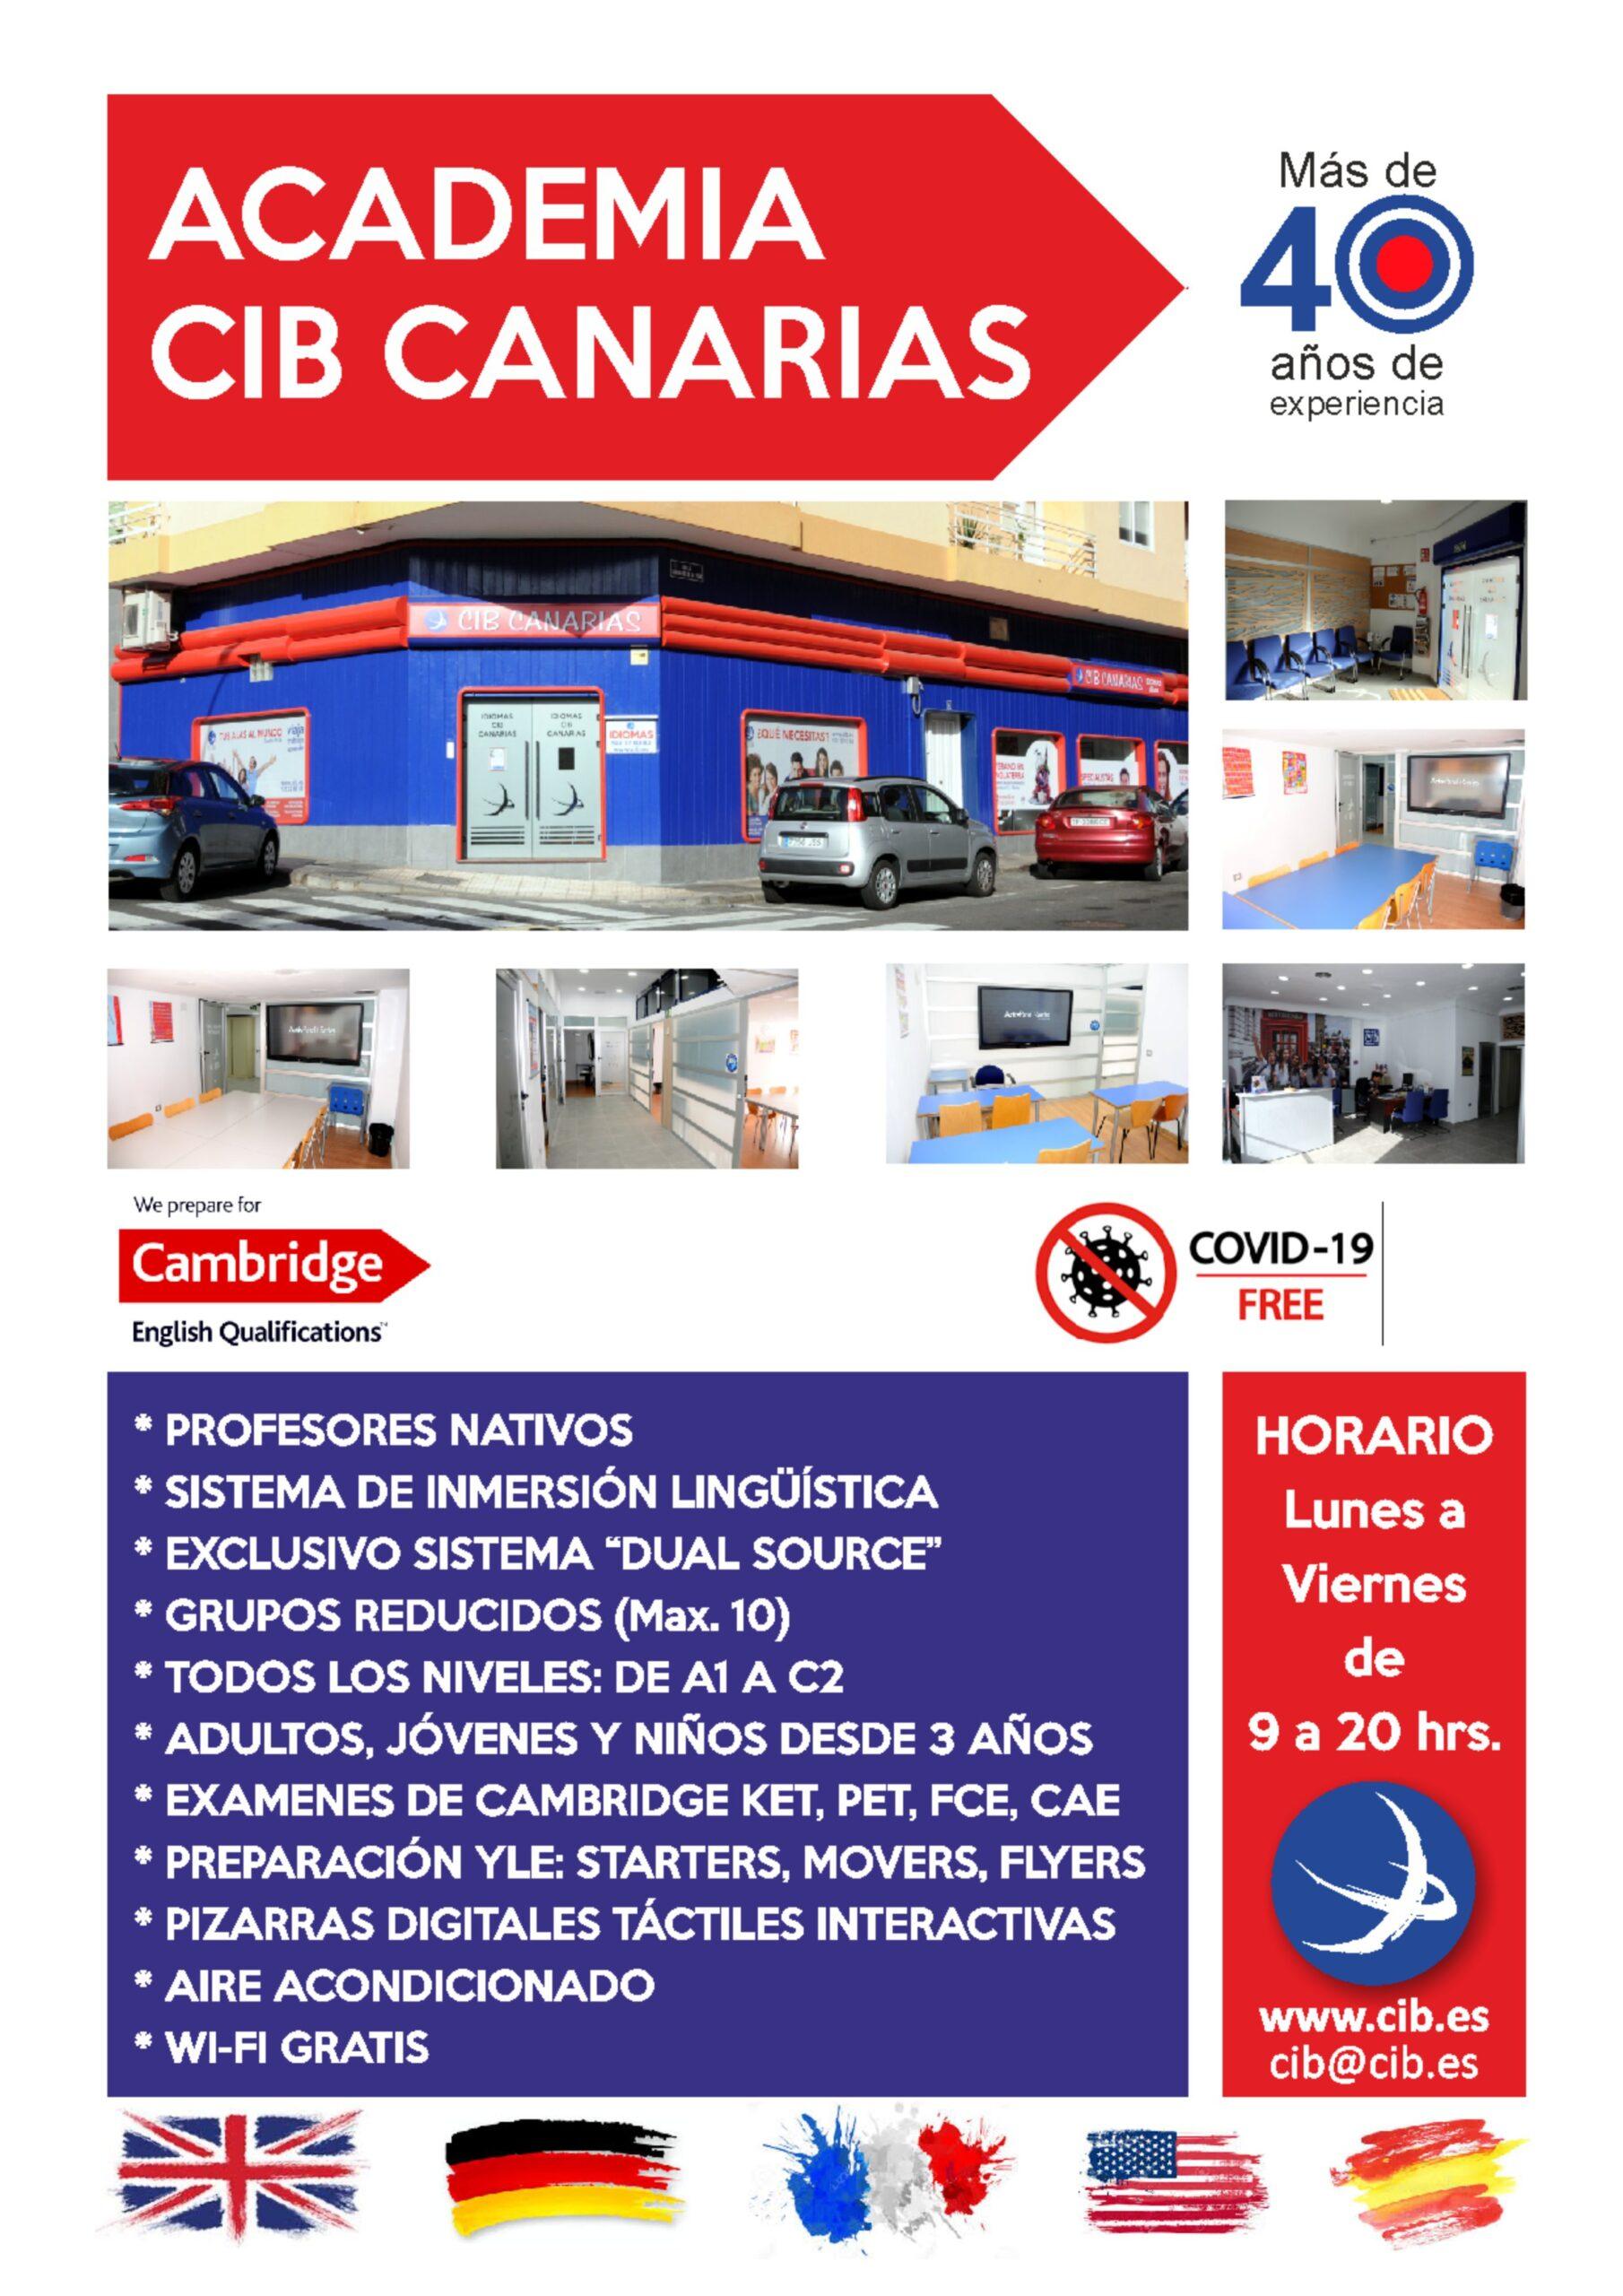 CIB Canarias, s.l. – desde 1976